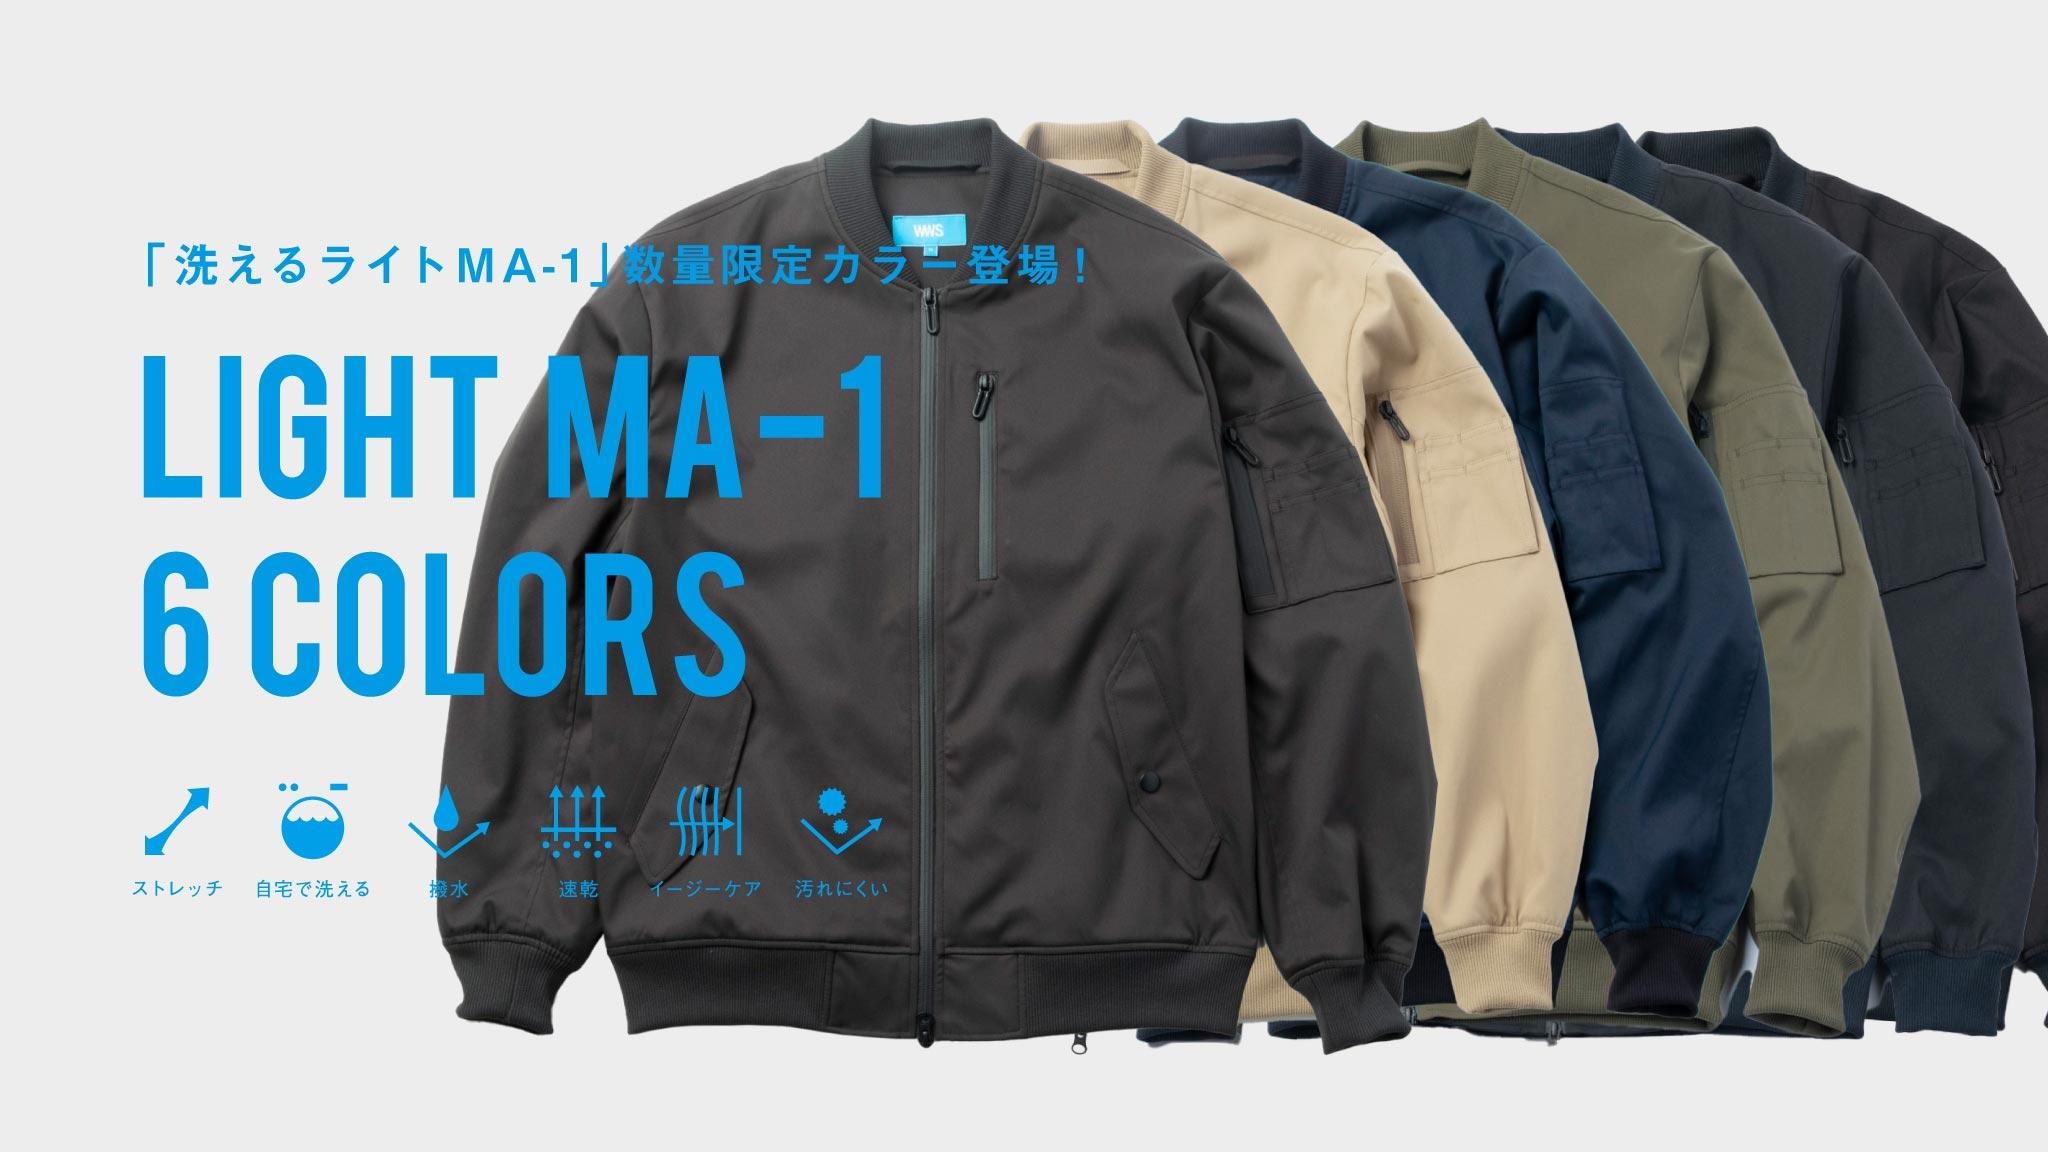 「洗えるライトMA-1」に新色が登場!